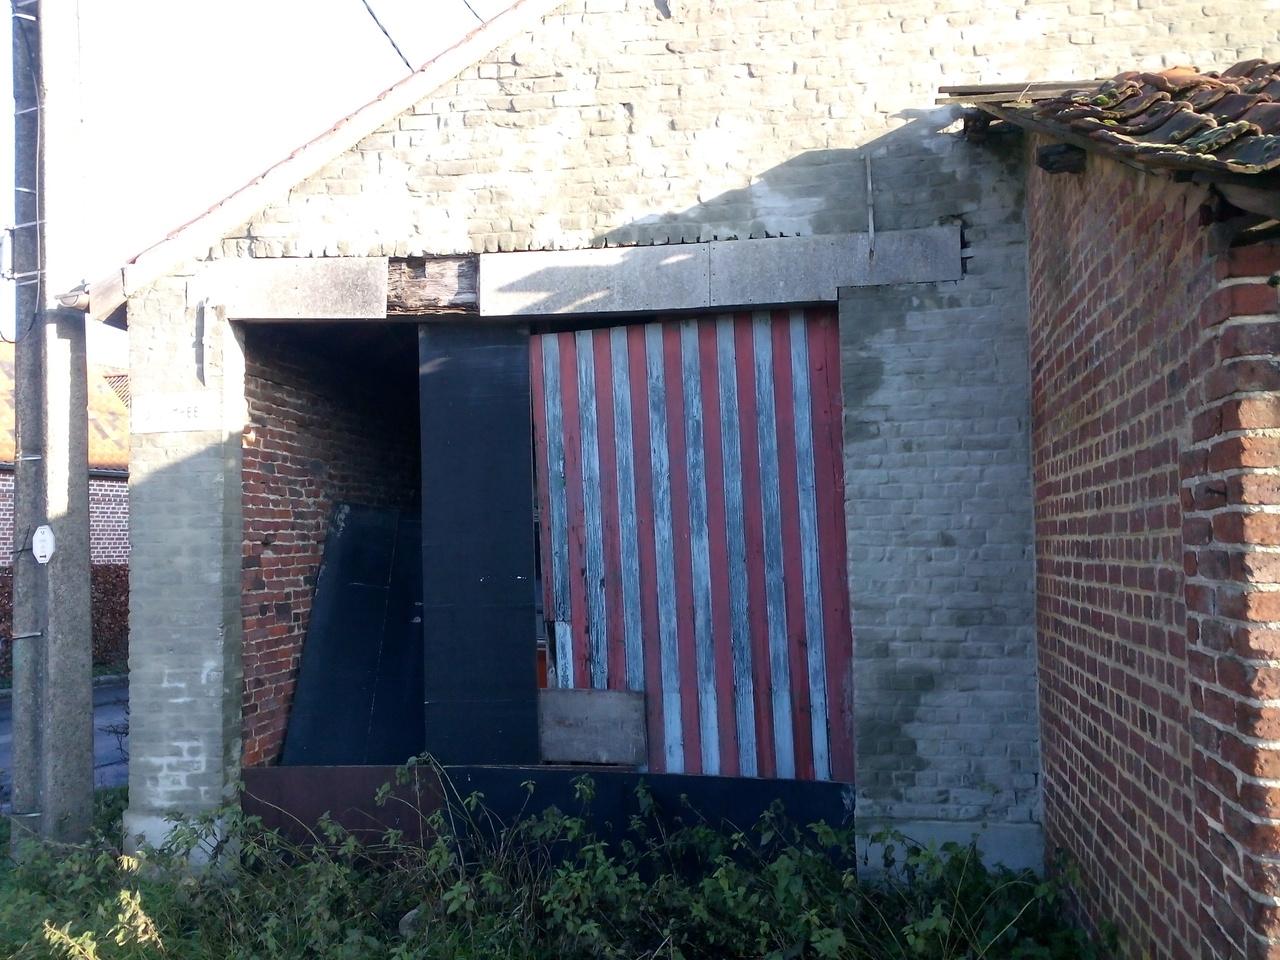 Powyżej: zrujnowane gospodarstwo w Gooik, gdzie jakoby mieszka Michałek w Belgii.